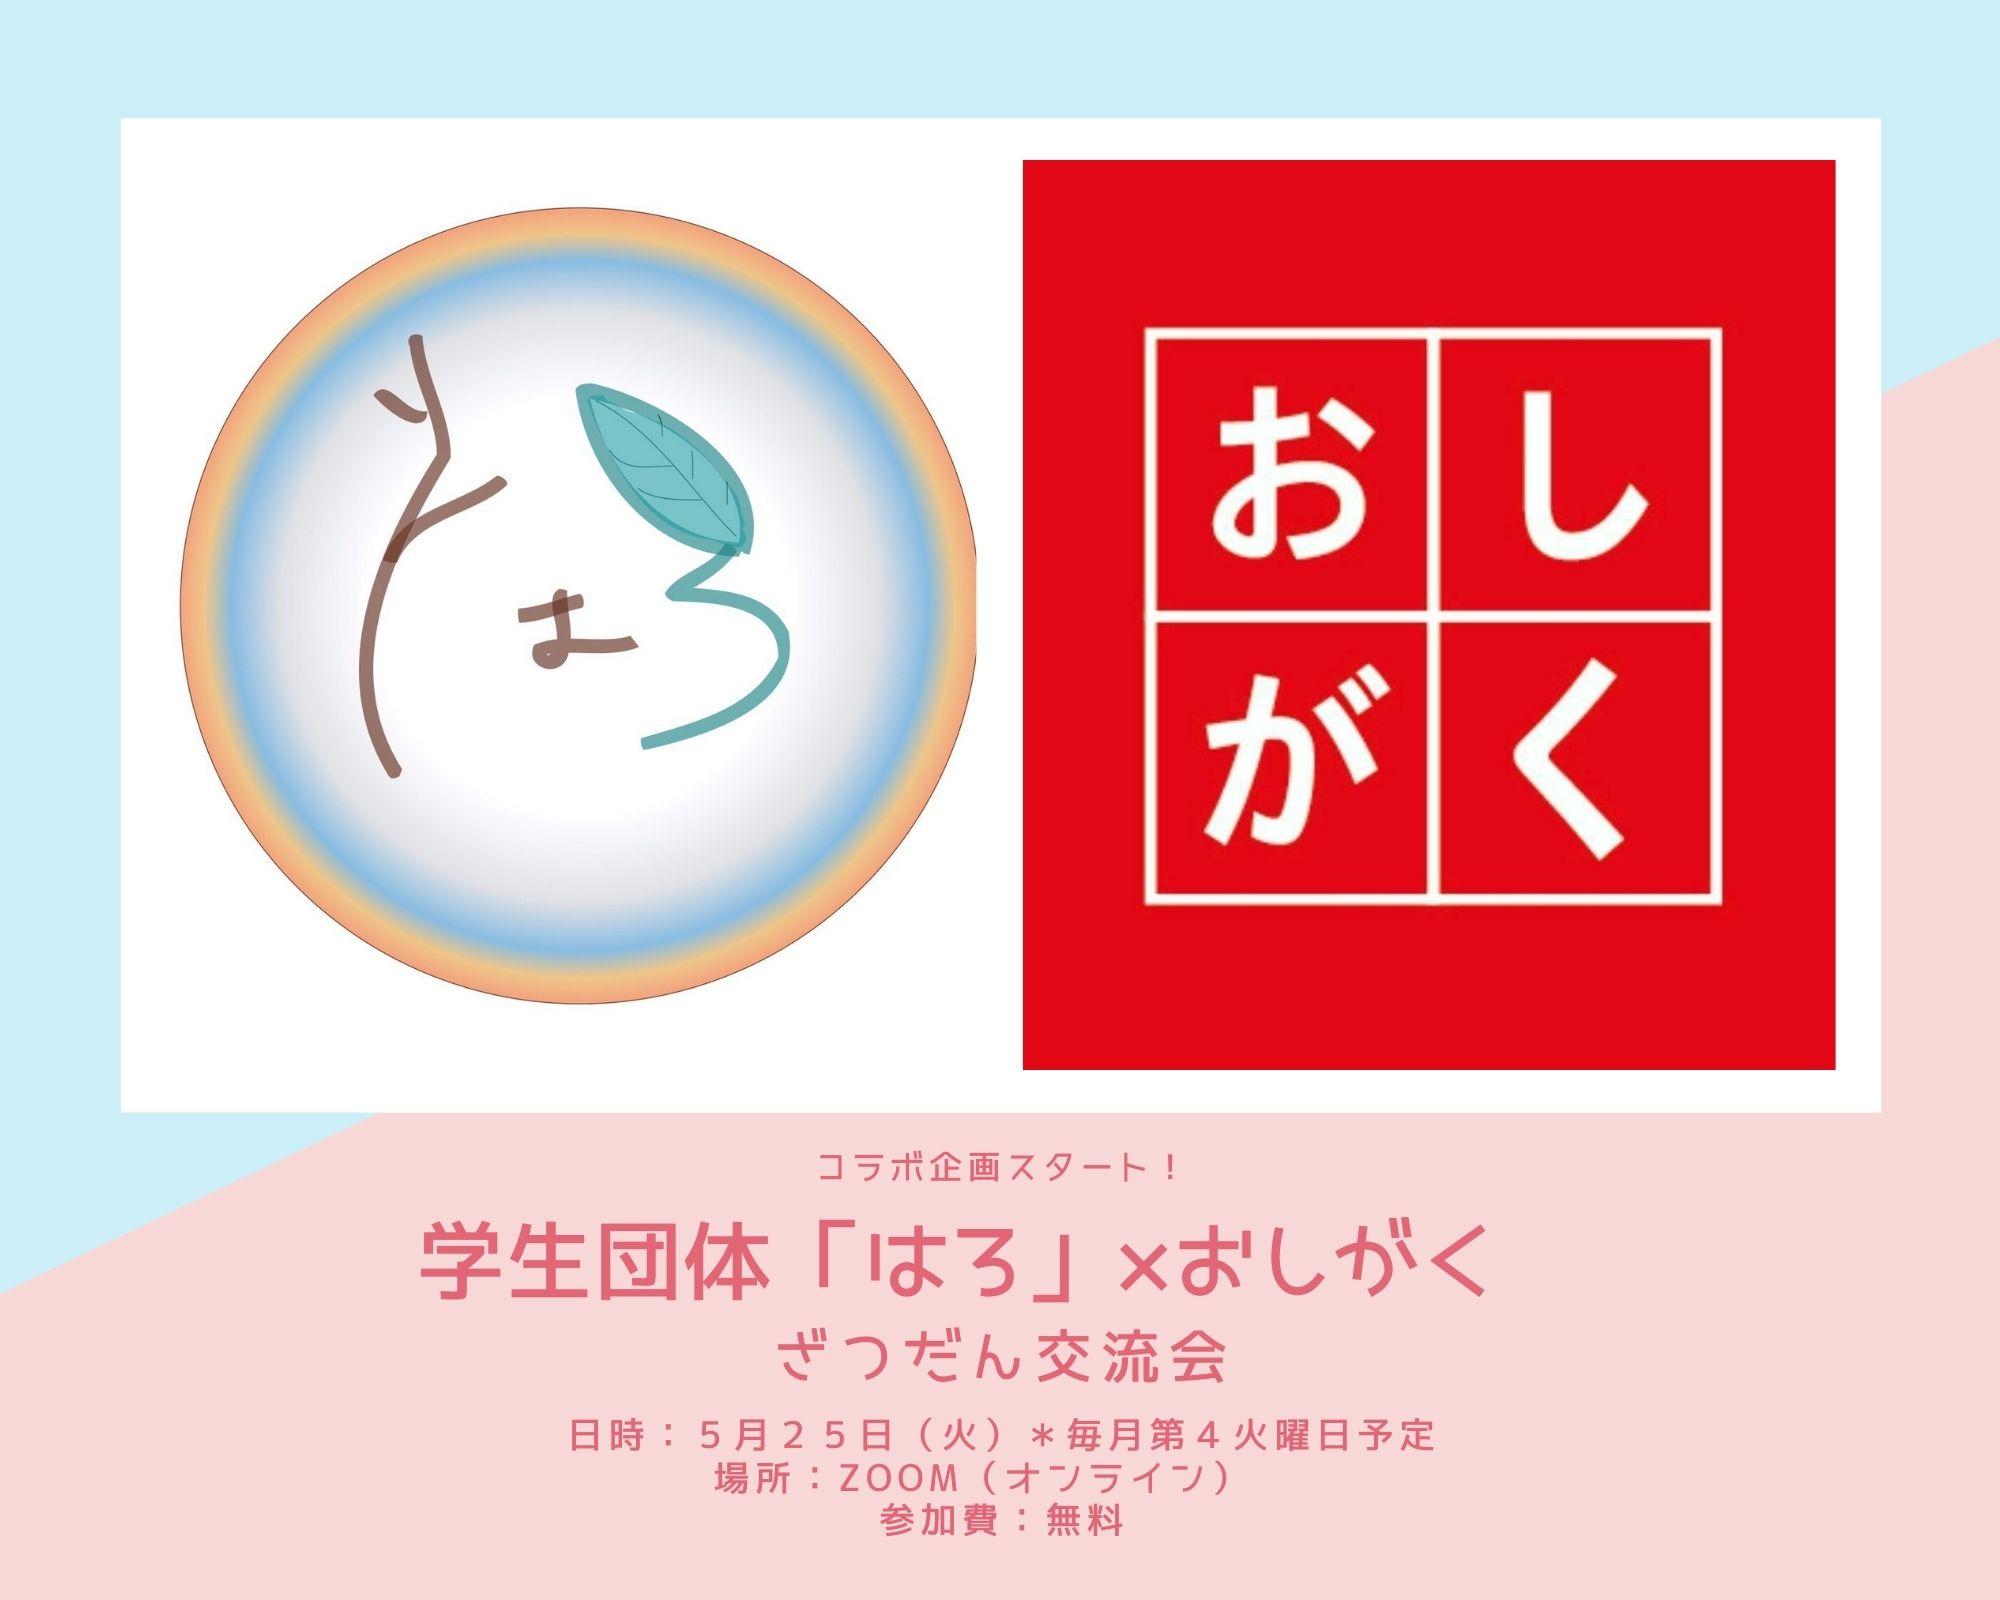 【U-25】おしがく×学生団体「はろ」のざつだん会スタート(^^)/